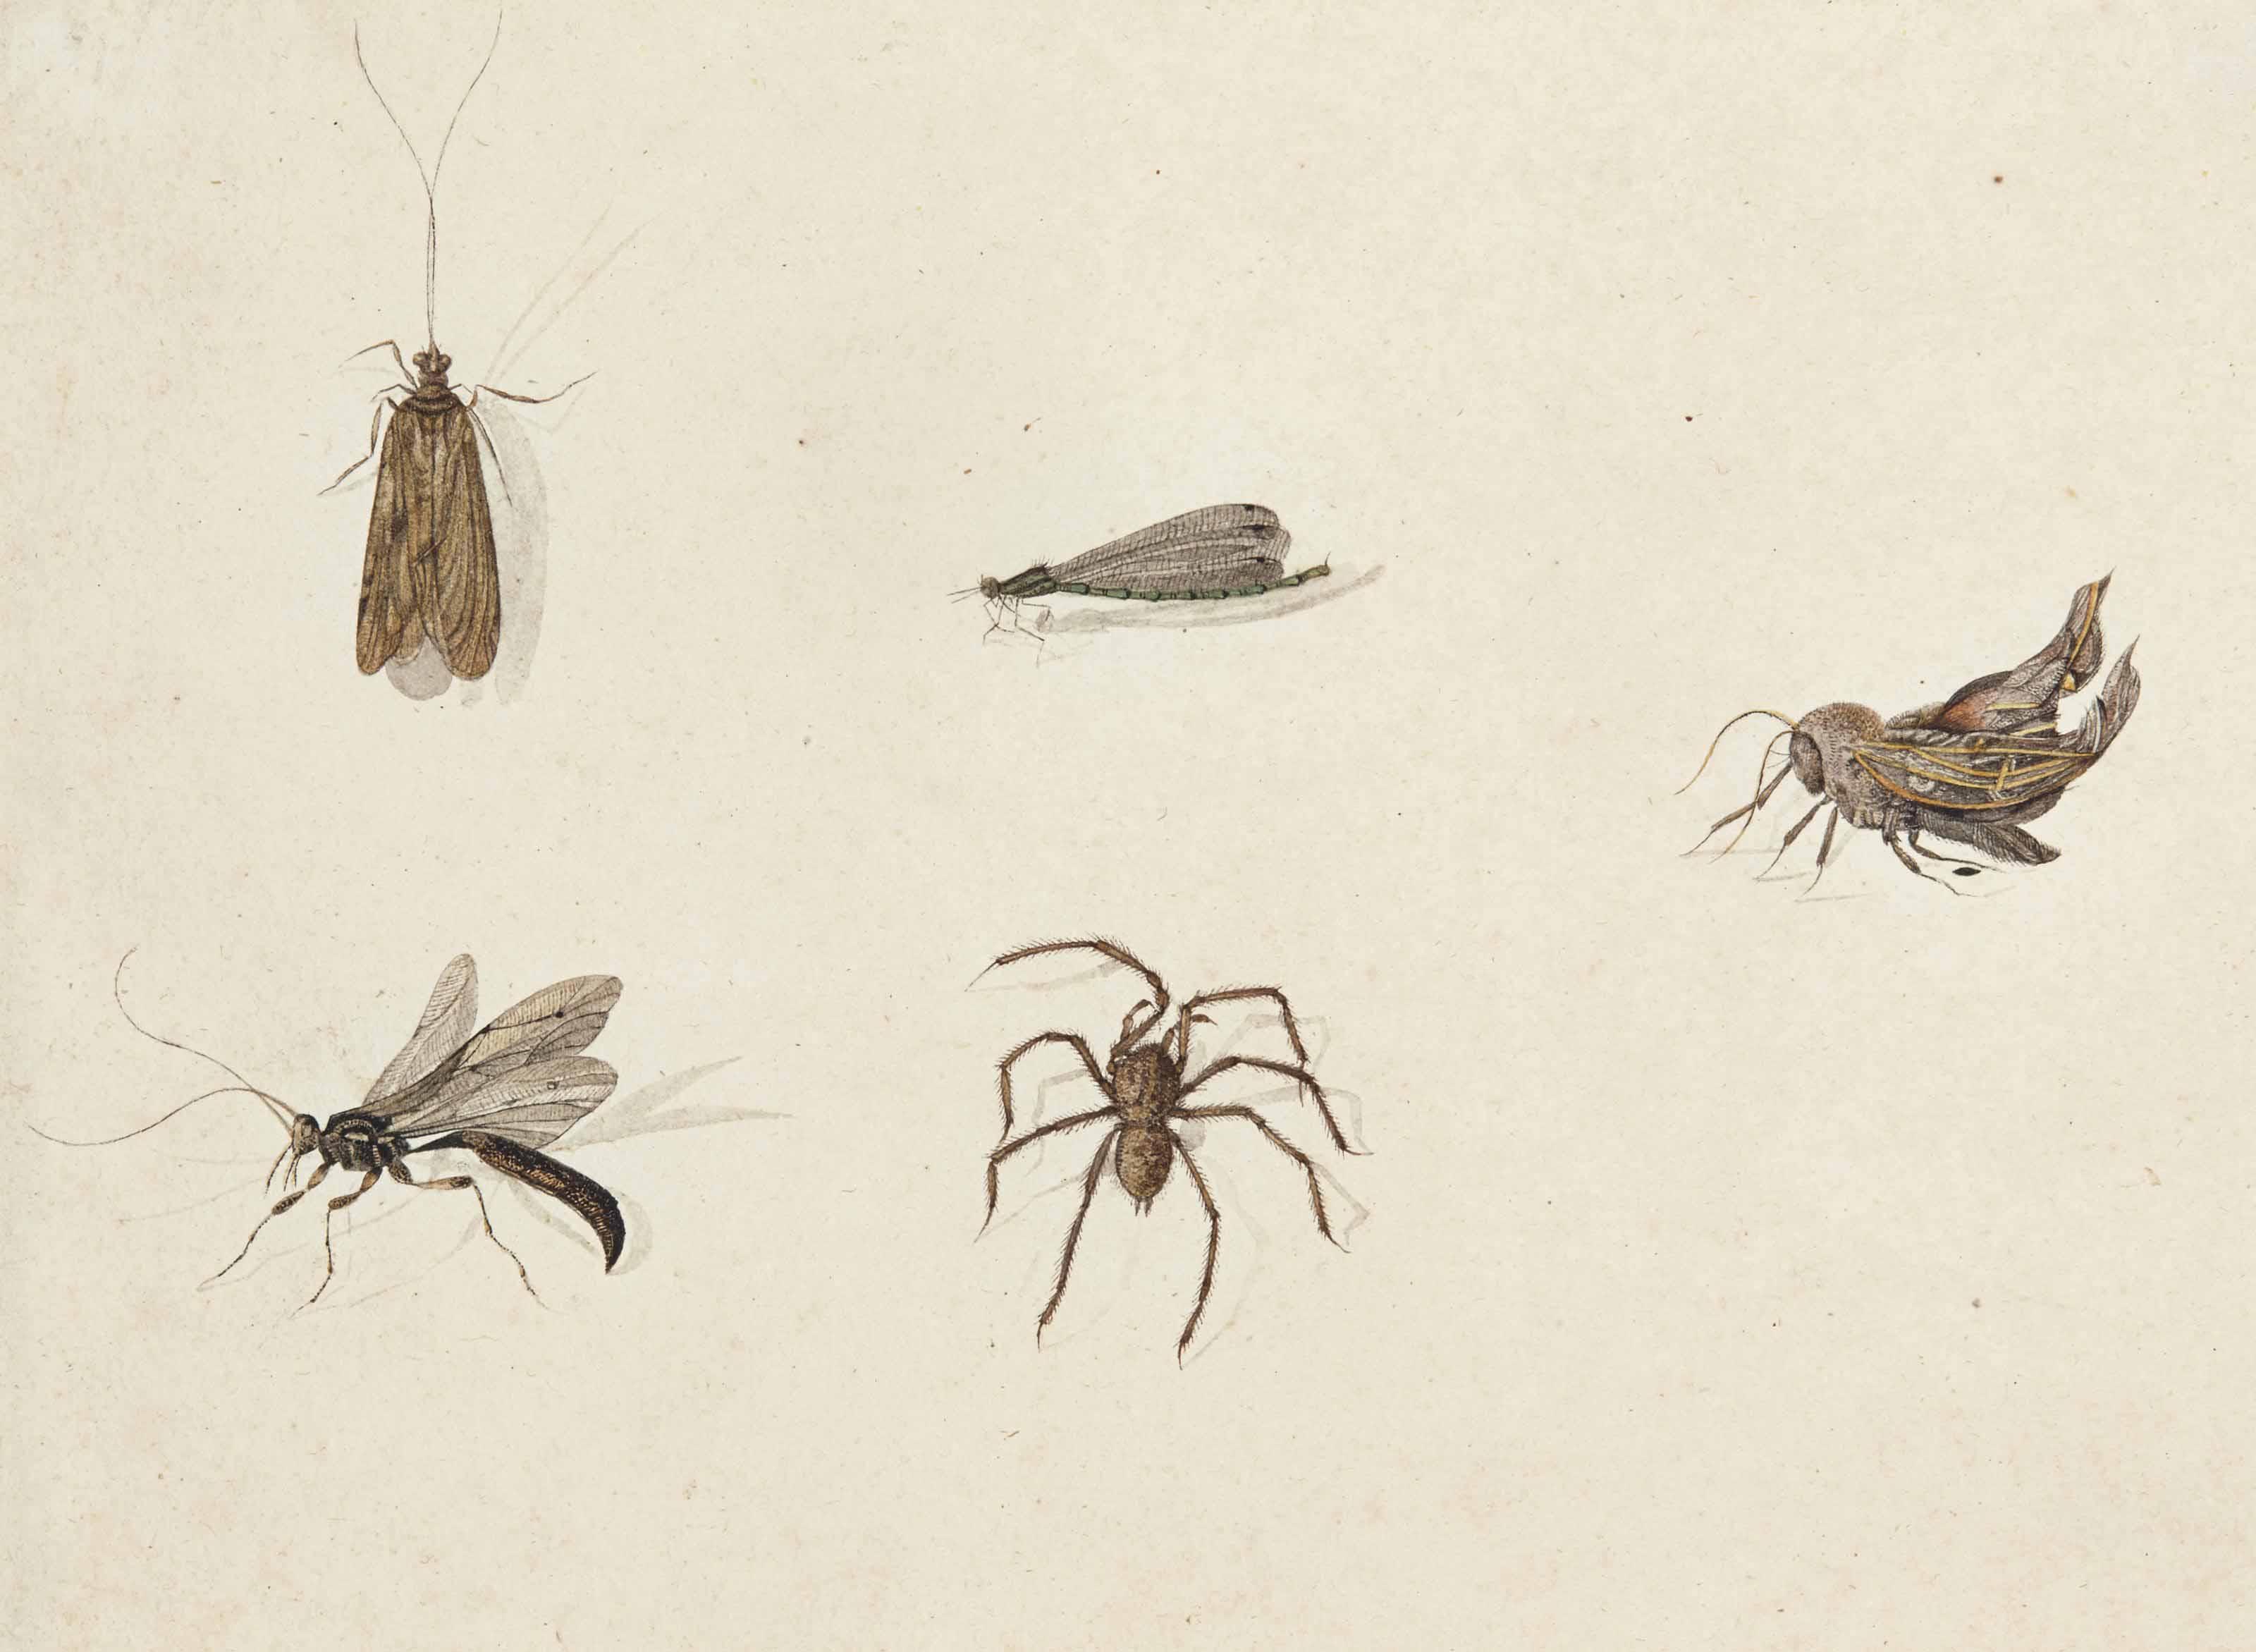 Cinq insectes dont une araignée et une libellule